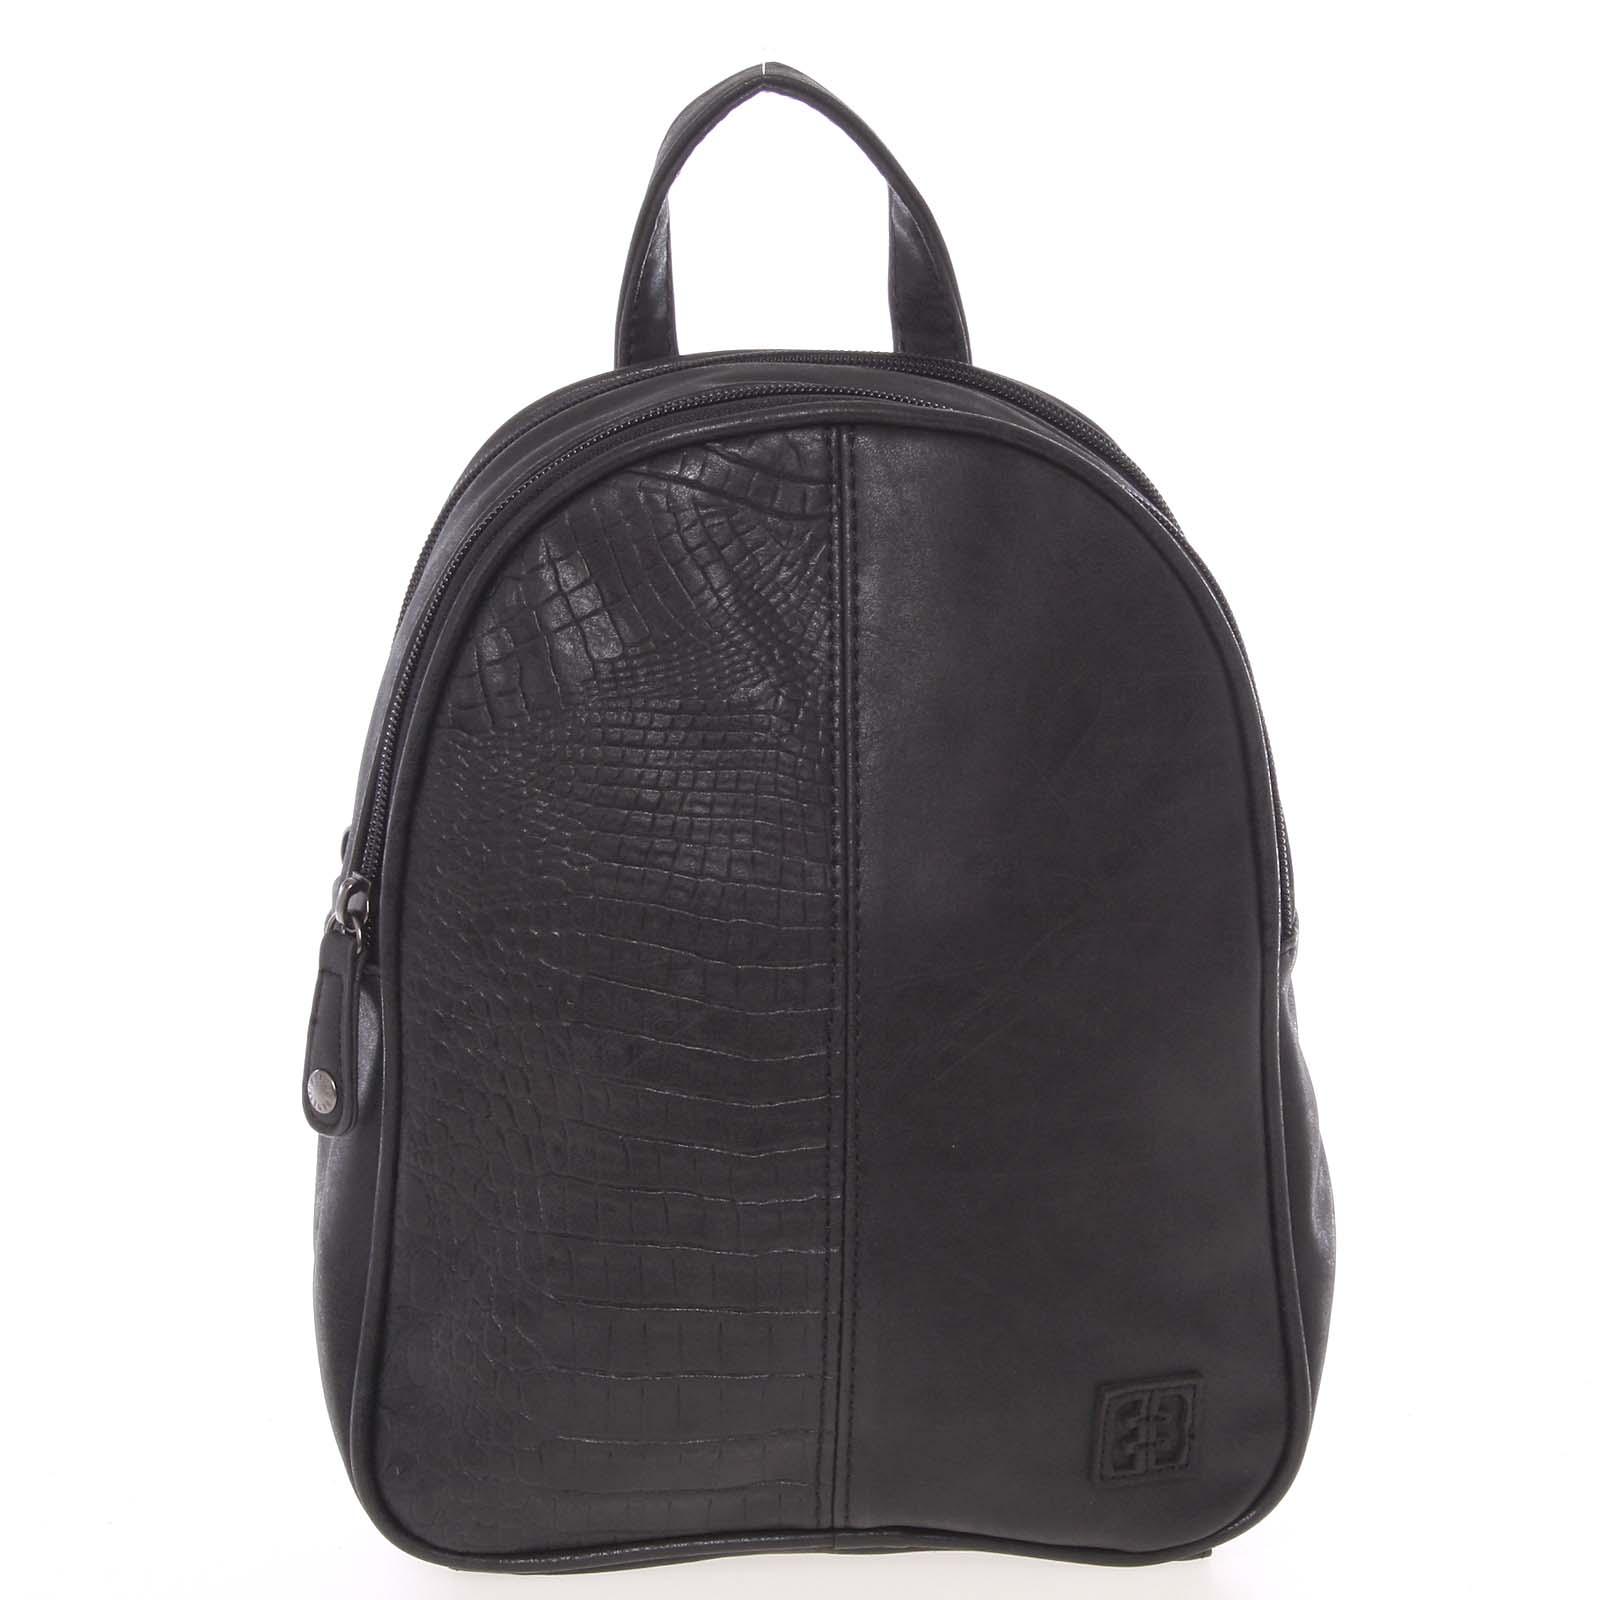 Malý stylový dámský batoh černý - Enrico Benetti Abba